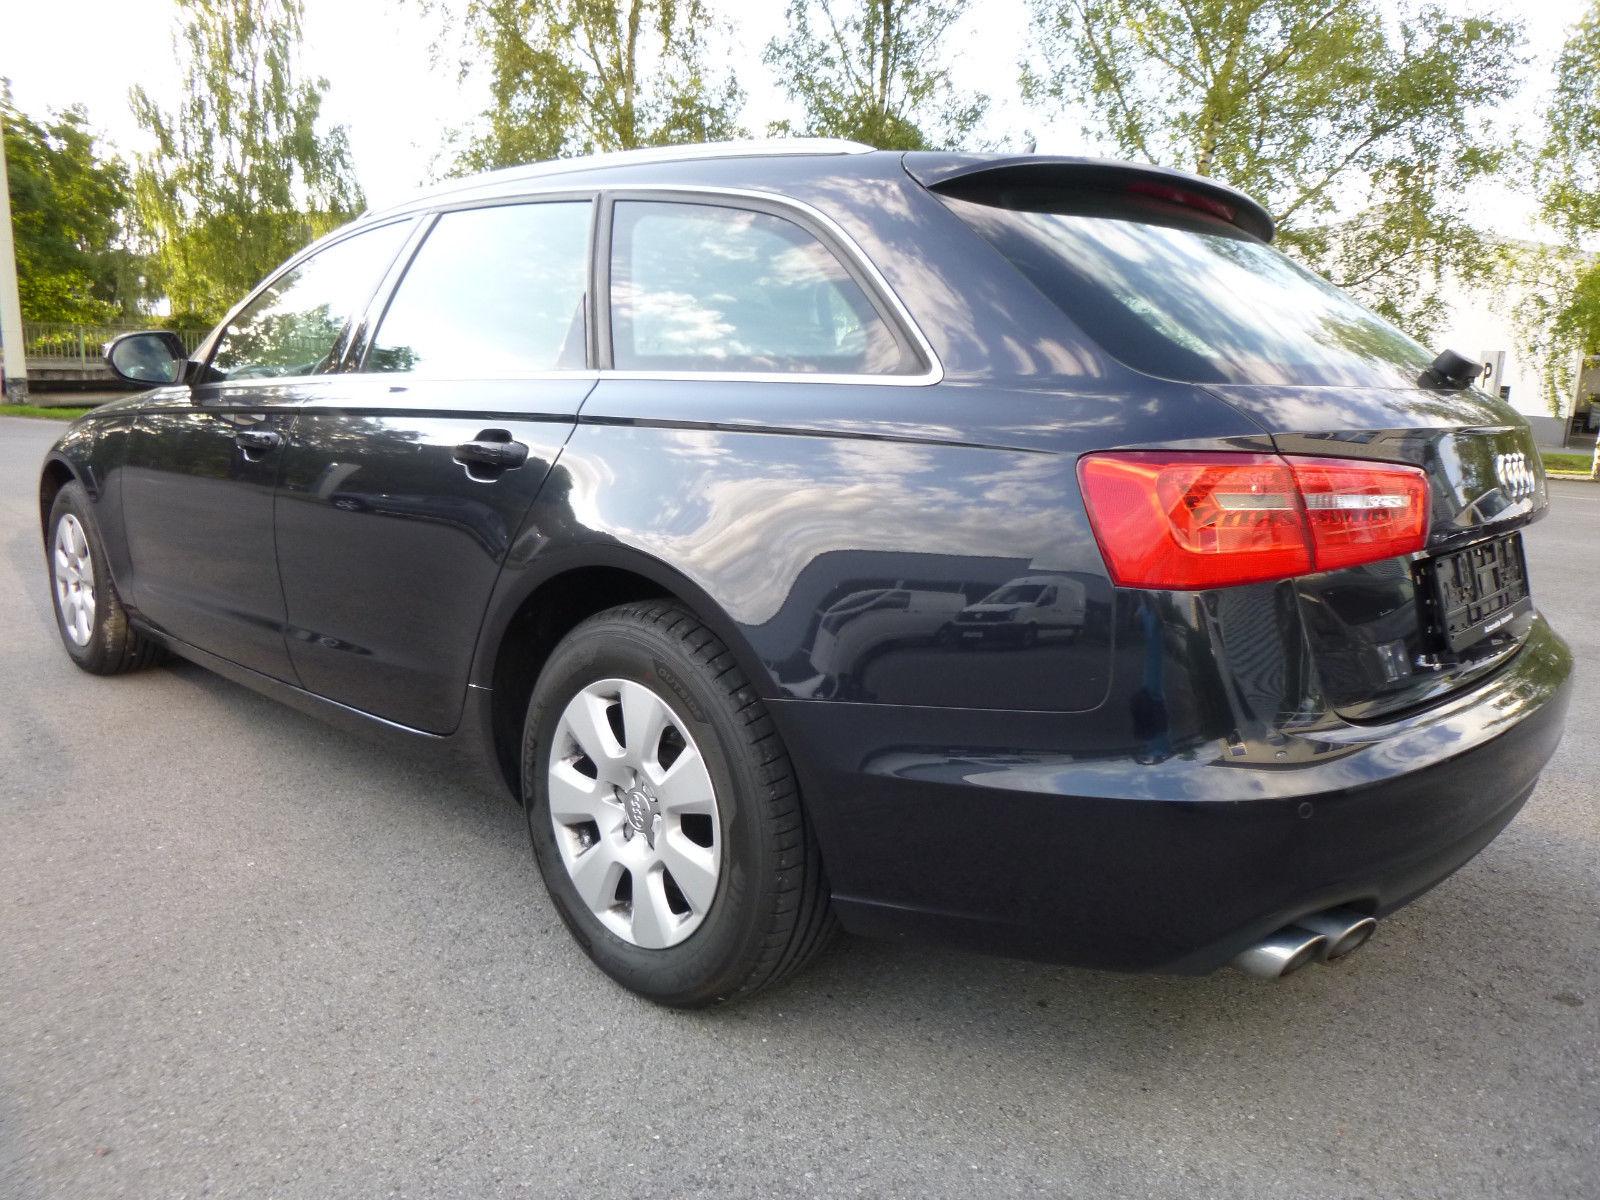 Покупка на кола от Германия -Ауди А6 2013-та, 2.0 TDI, 177 к.с.; 09.09.2017 Галерия (4)